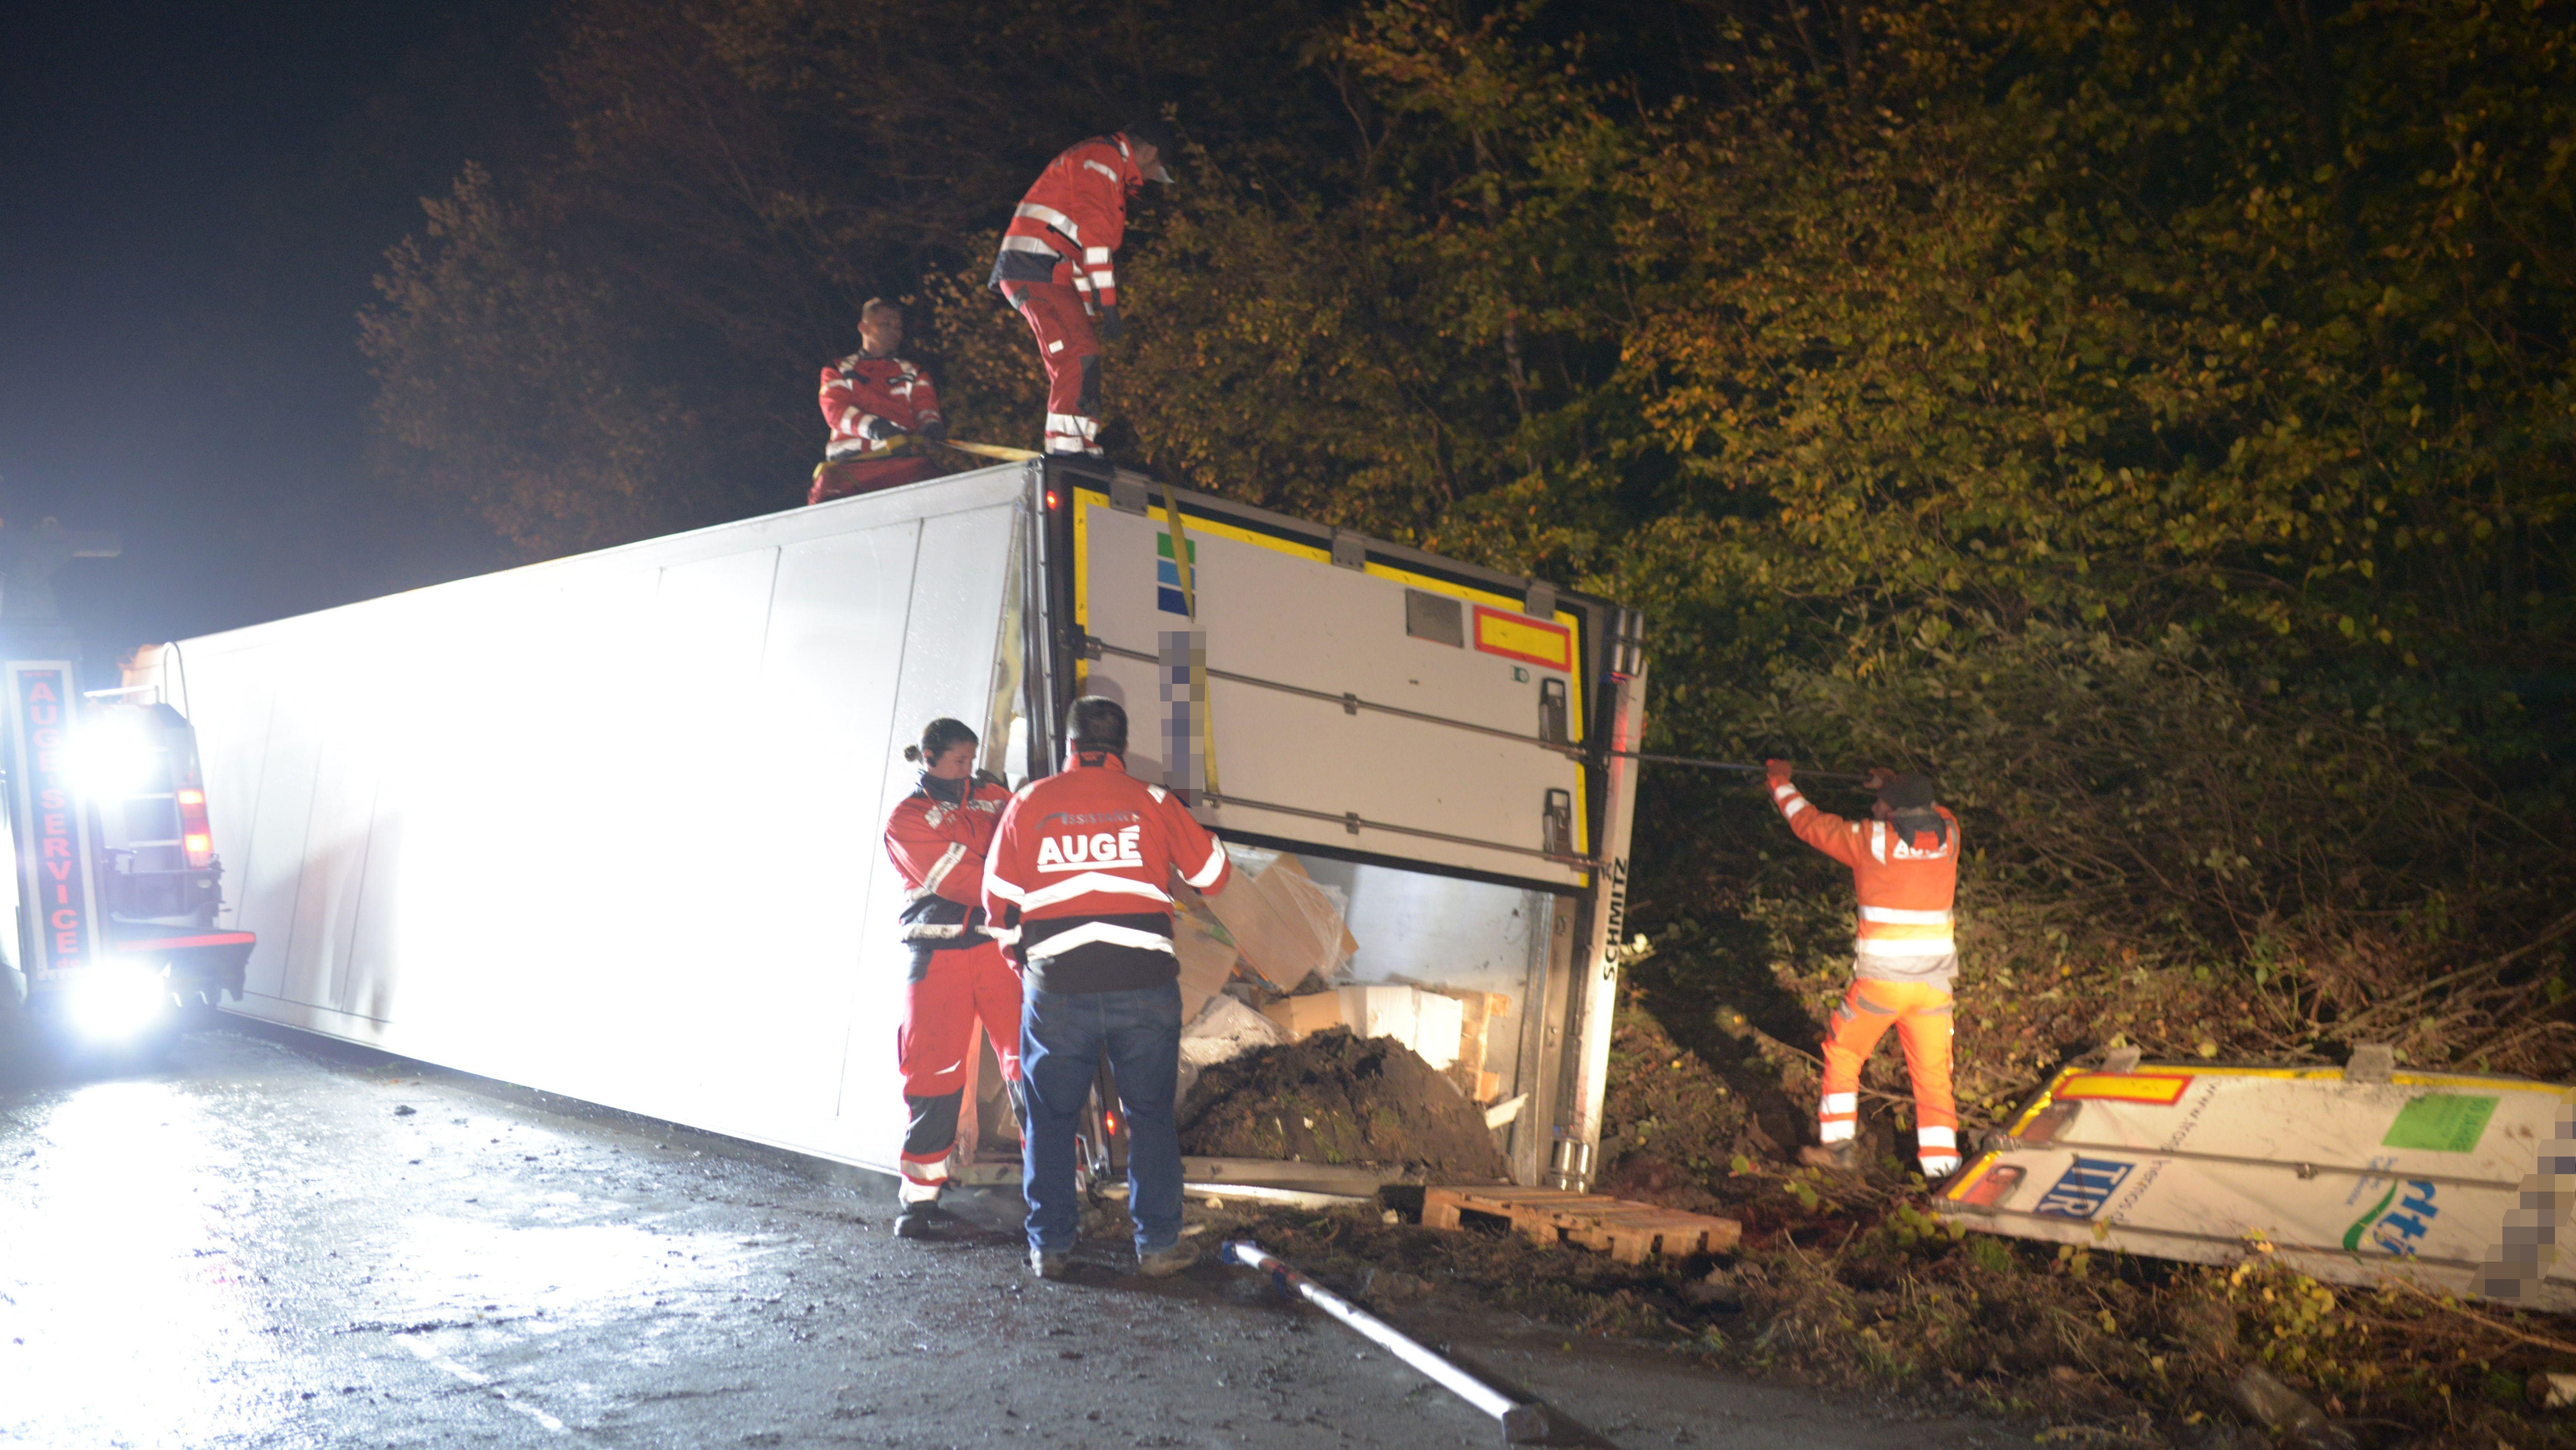 Ein Unfall mit einem Lkw auf der A3 bei Wiesentheid hat in der Nacht kilometerlange Staus verursacht.